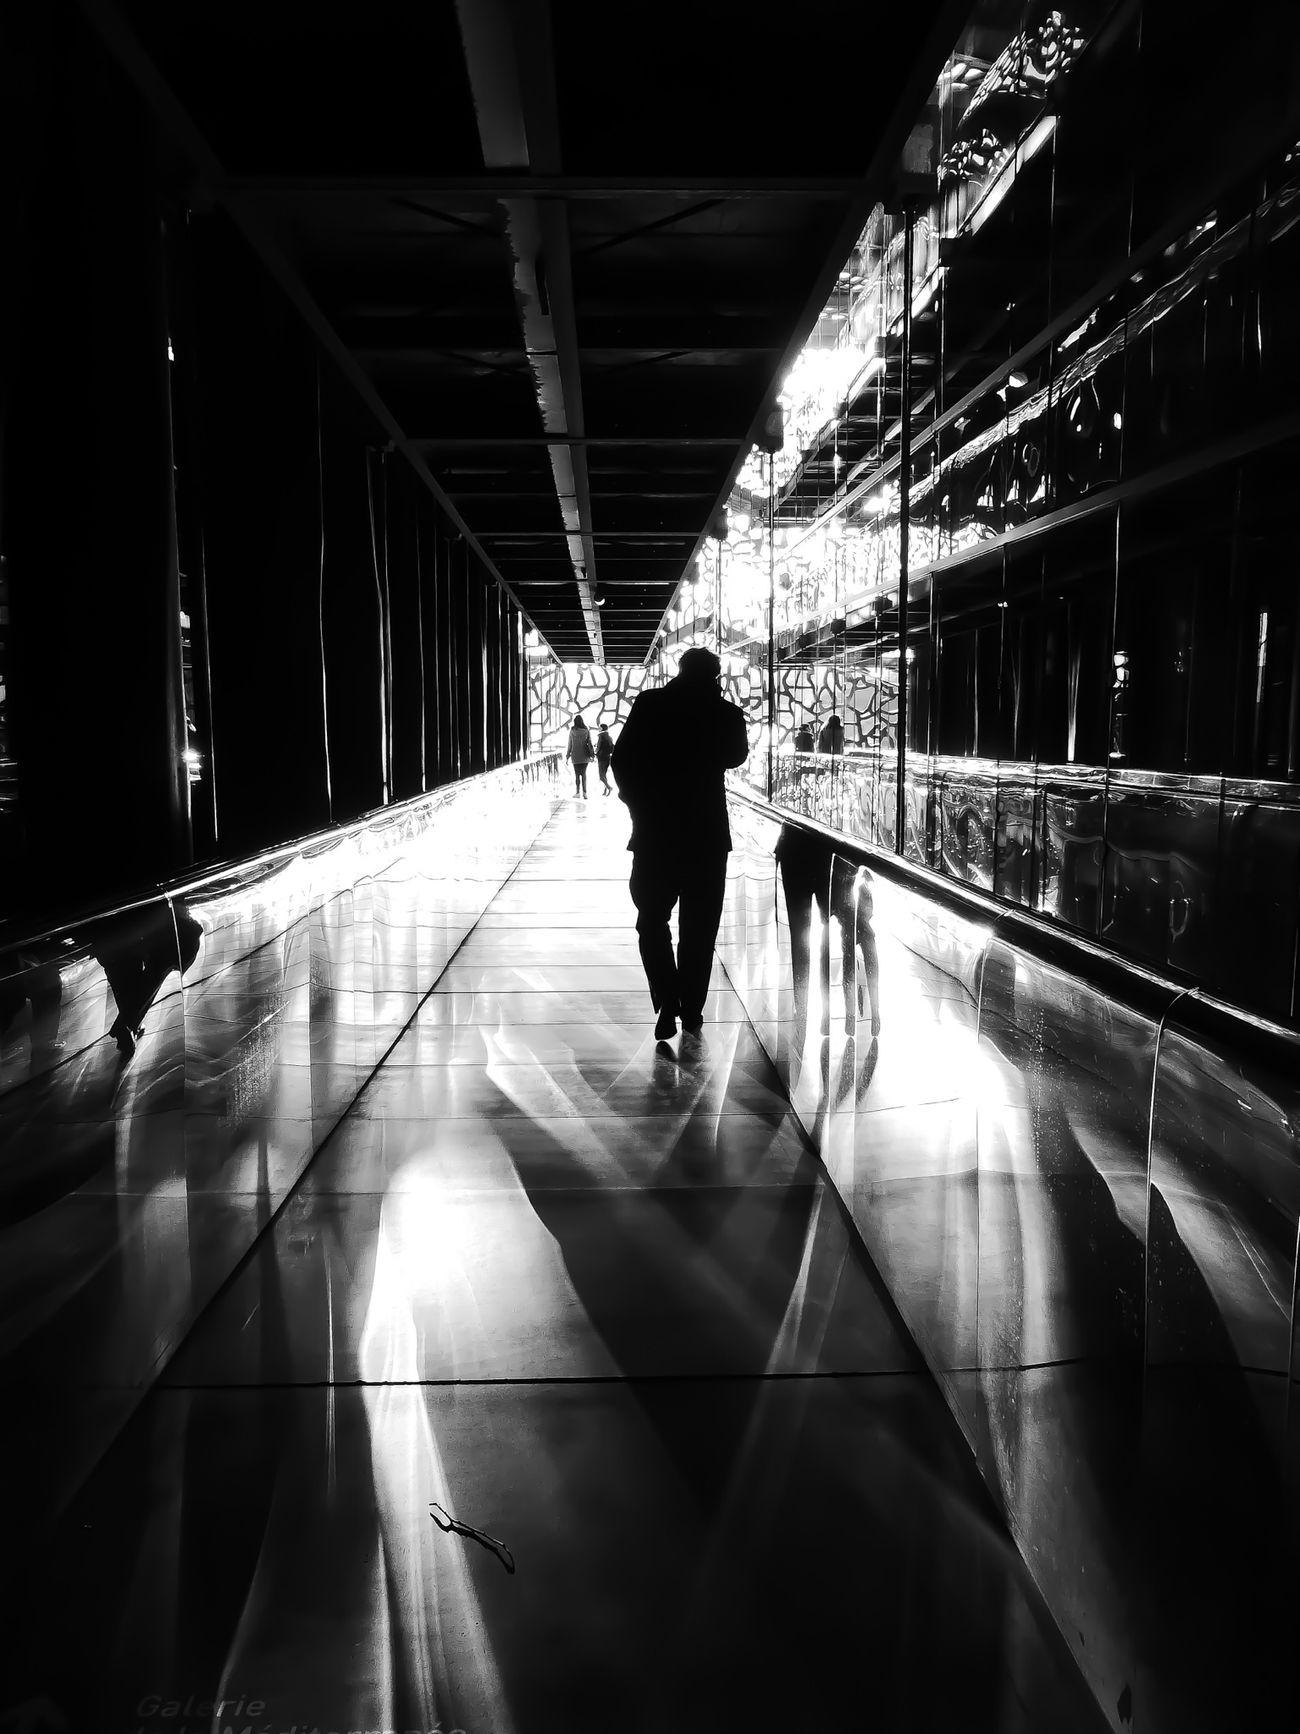 Mucem - Marseille - Silhouettes Journey Into The Dark Mucem Marseille